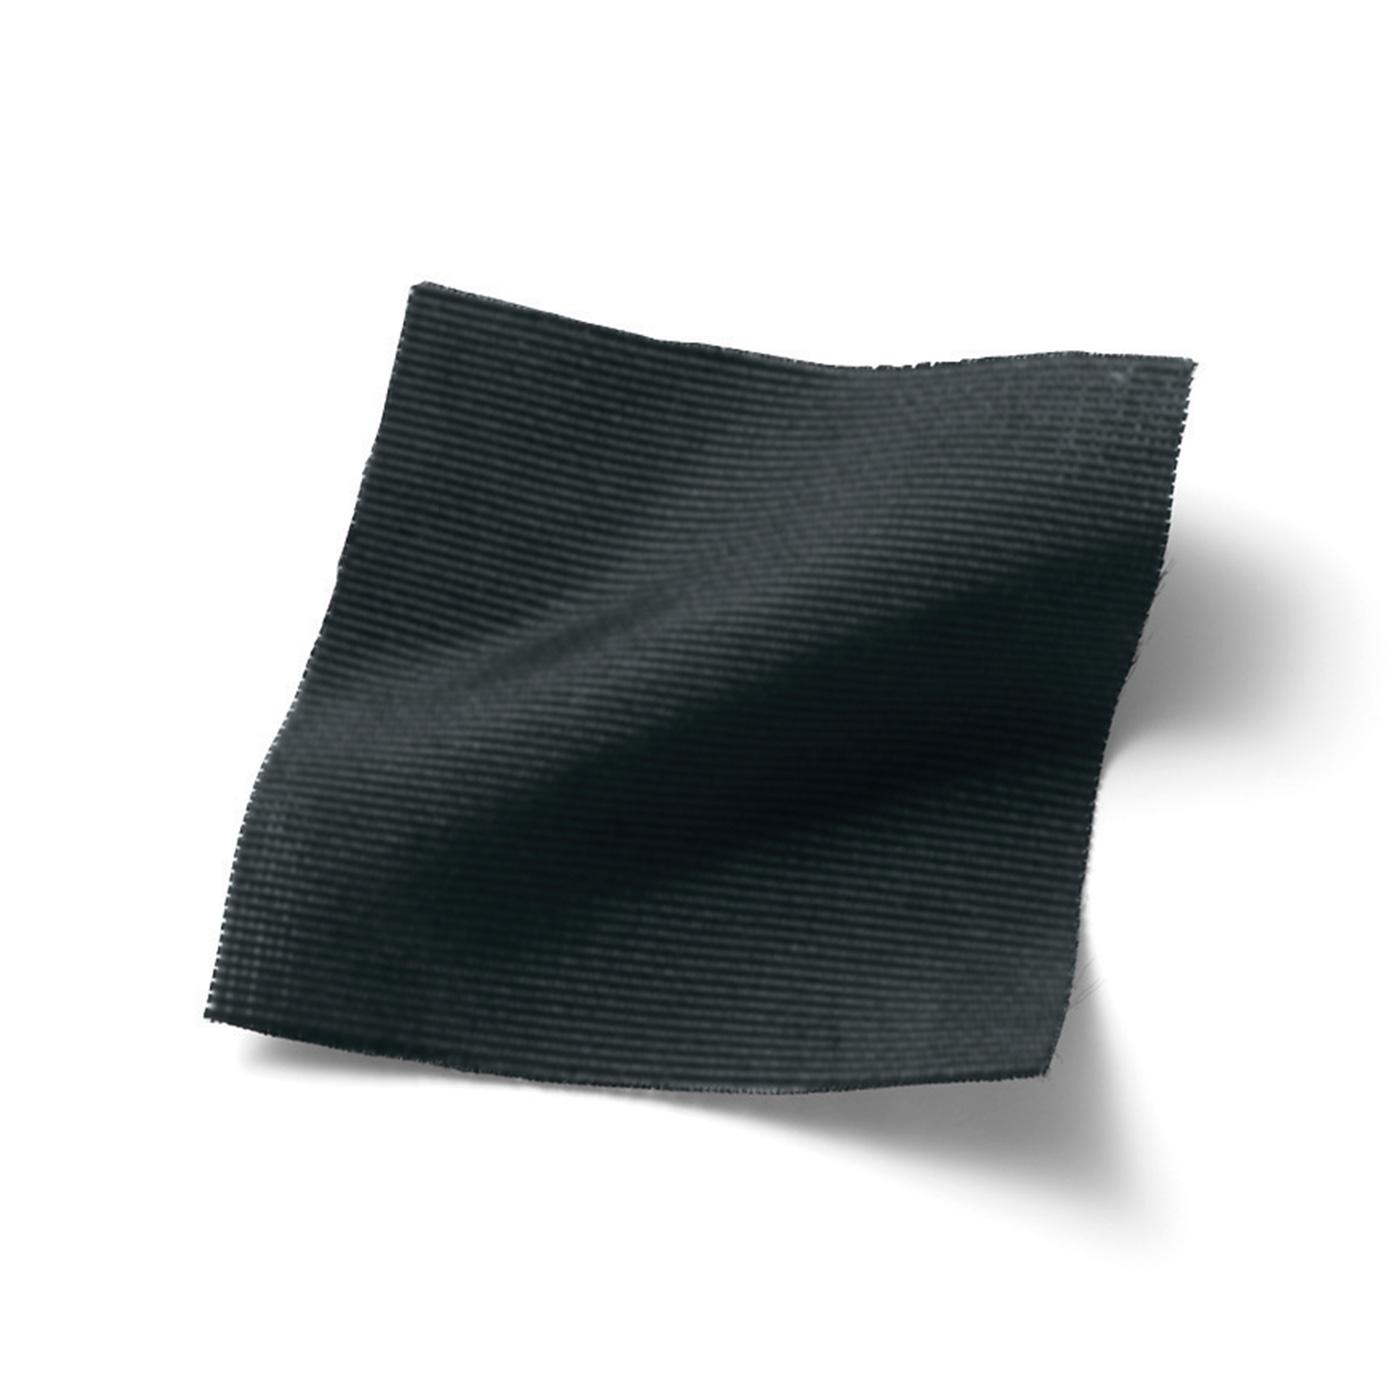 クラシックなシルエットを凛(りん)と引き立てる張りのあるグログラン素材。